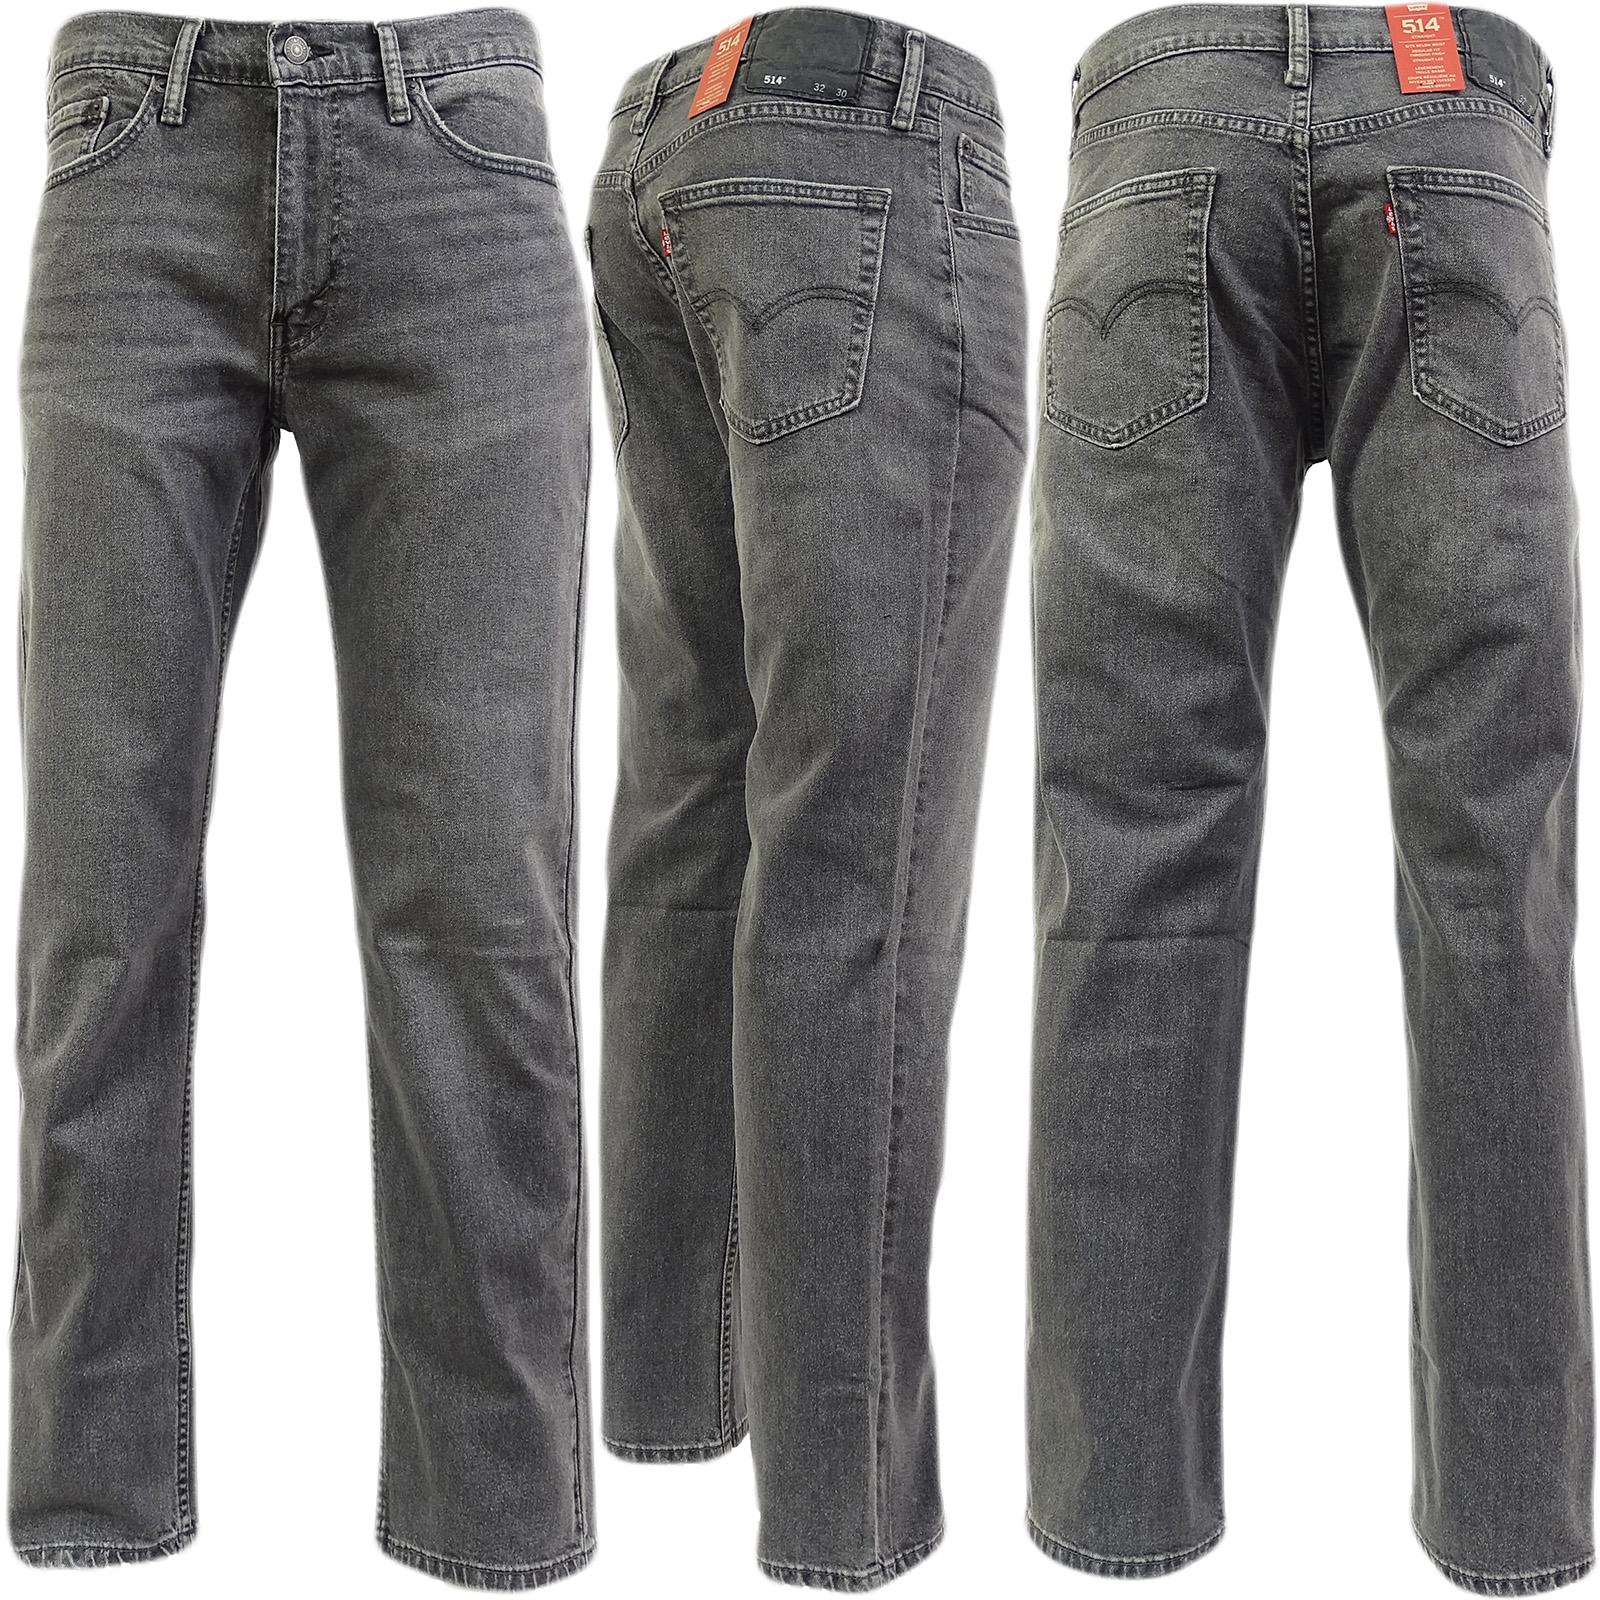 2a1e24b449d Sentinel Thumbnail 1. Sentinel Levi Strauss 514 Straight Leg Jean Faded Grey  Tin Man 09-83